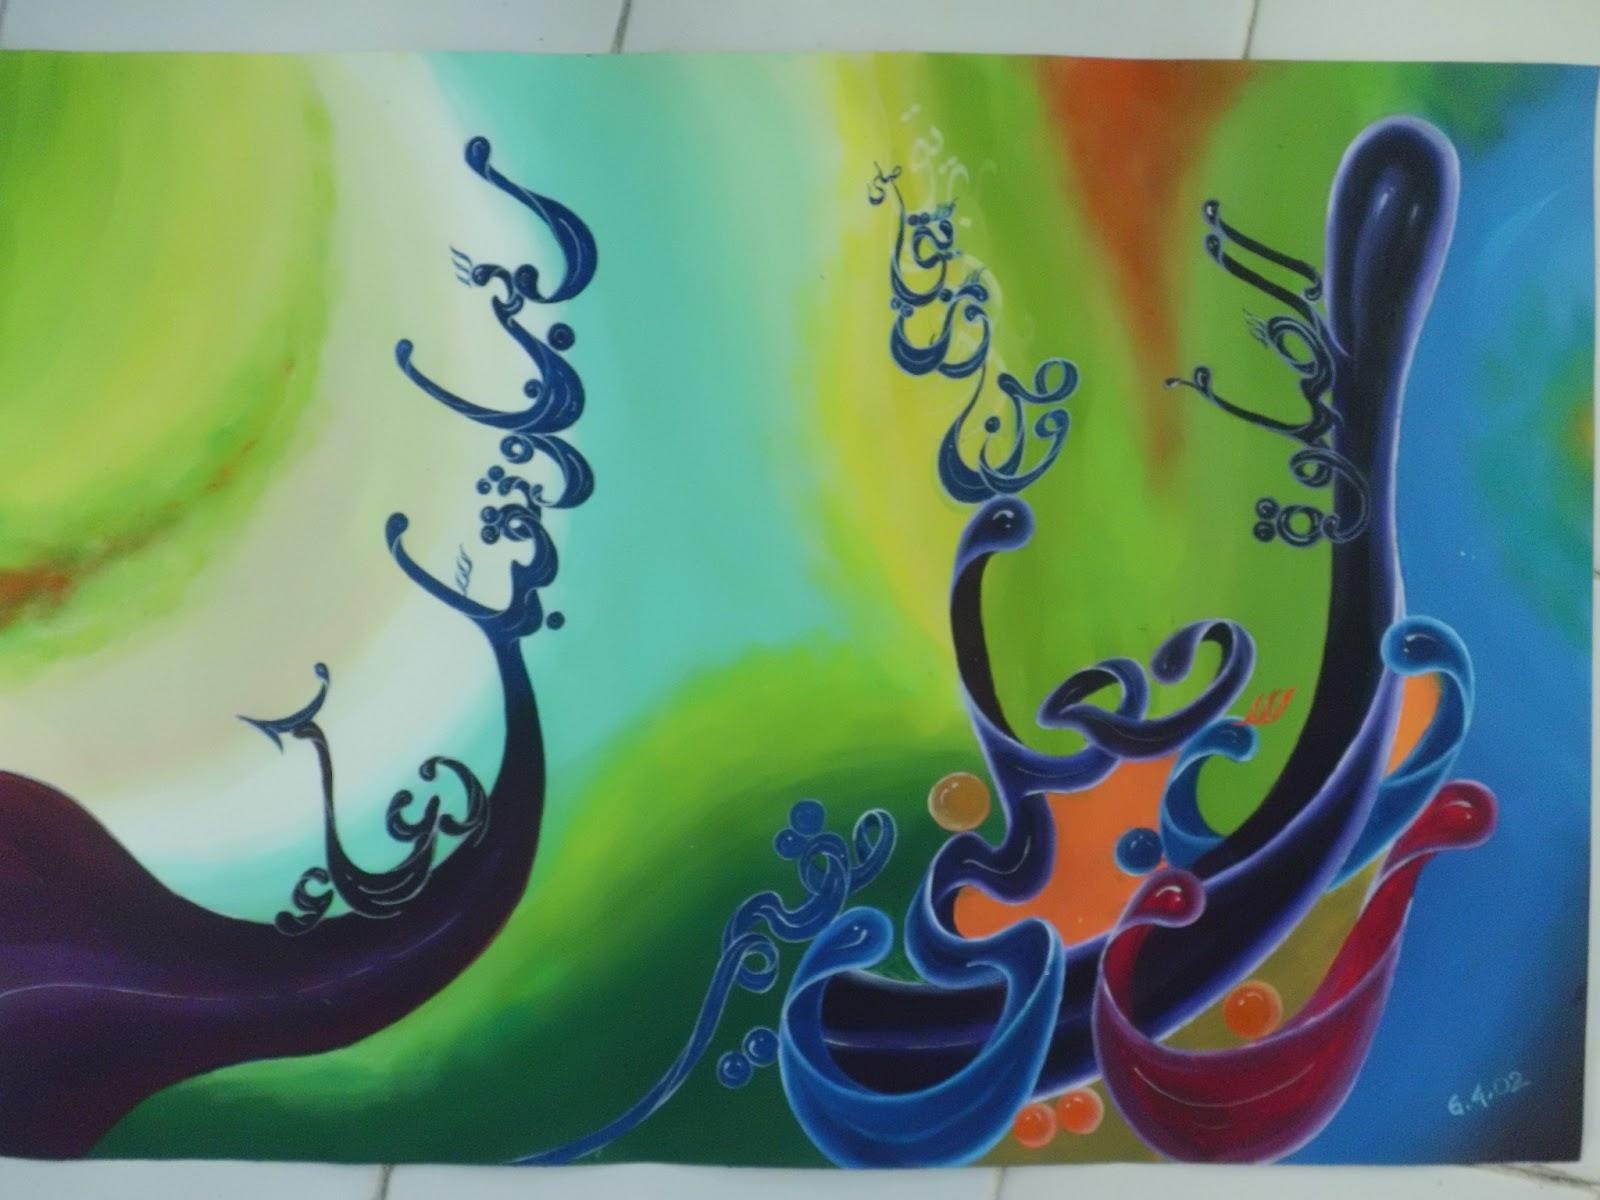 Kaligrafi Terbaru Hiasan Mushaf dan Kontemporer